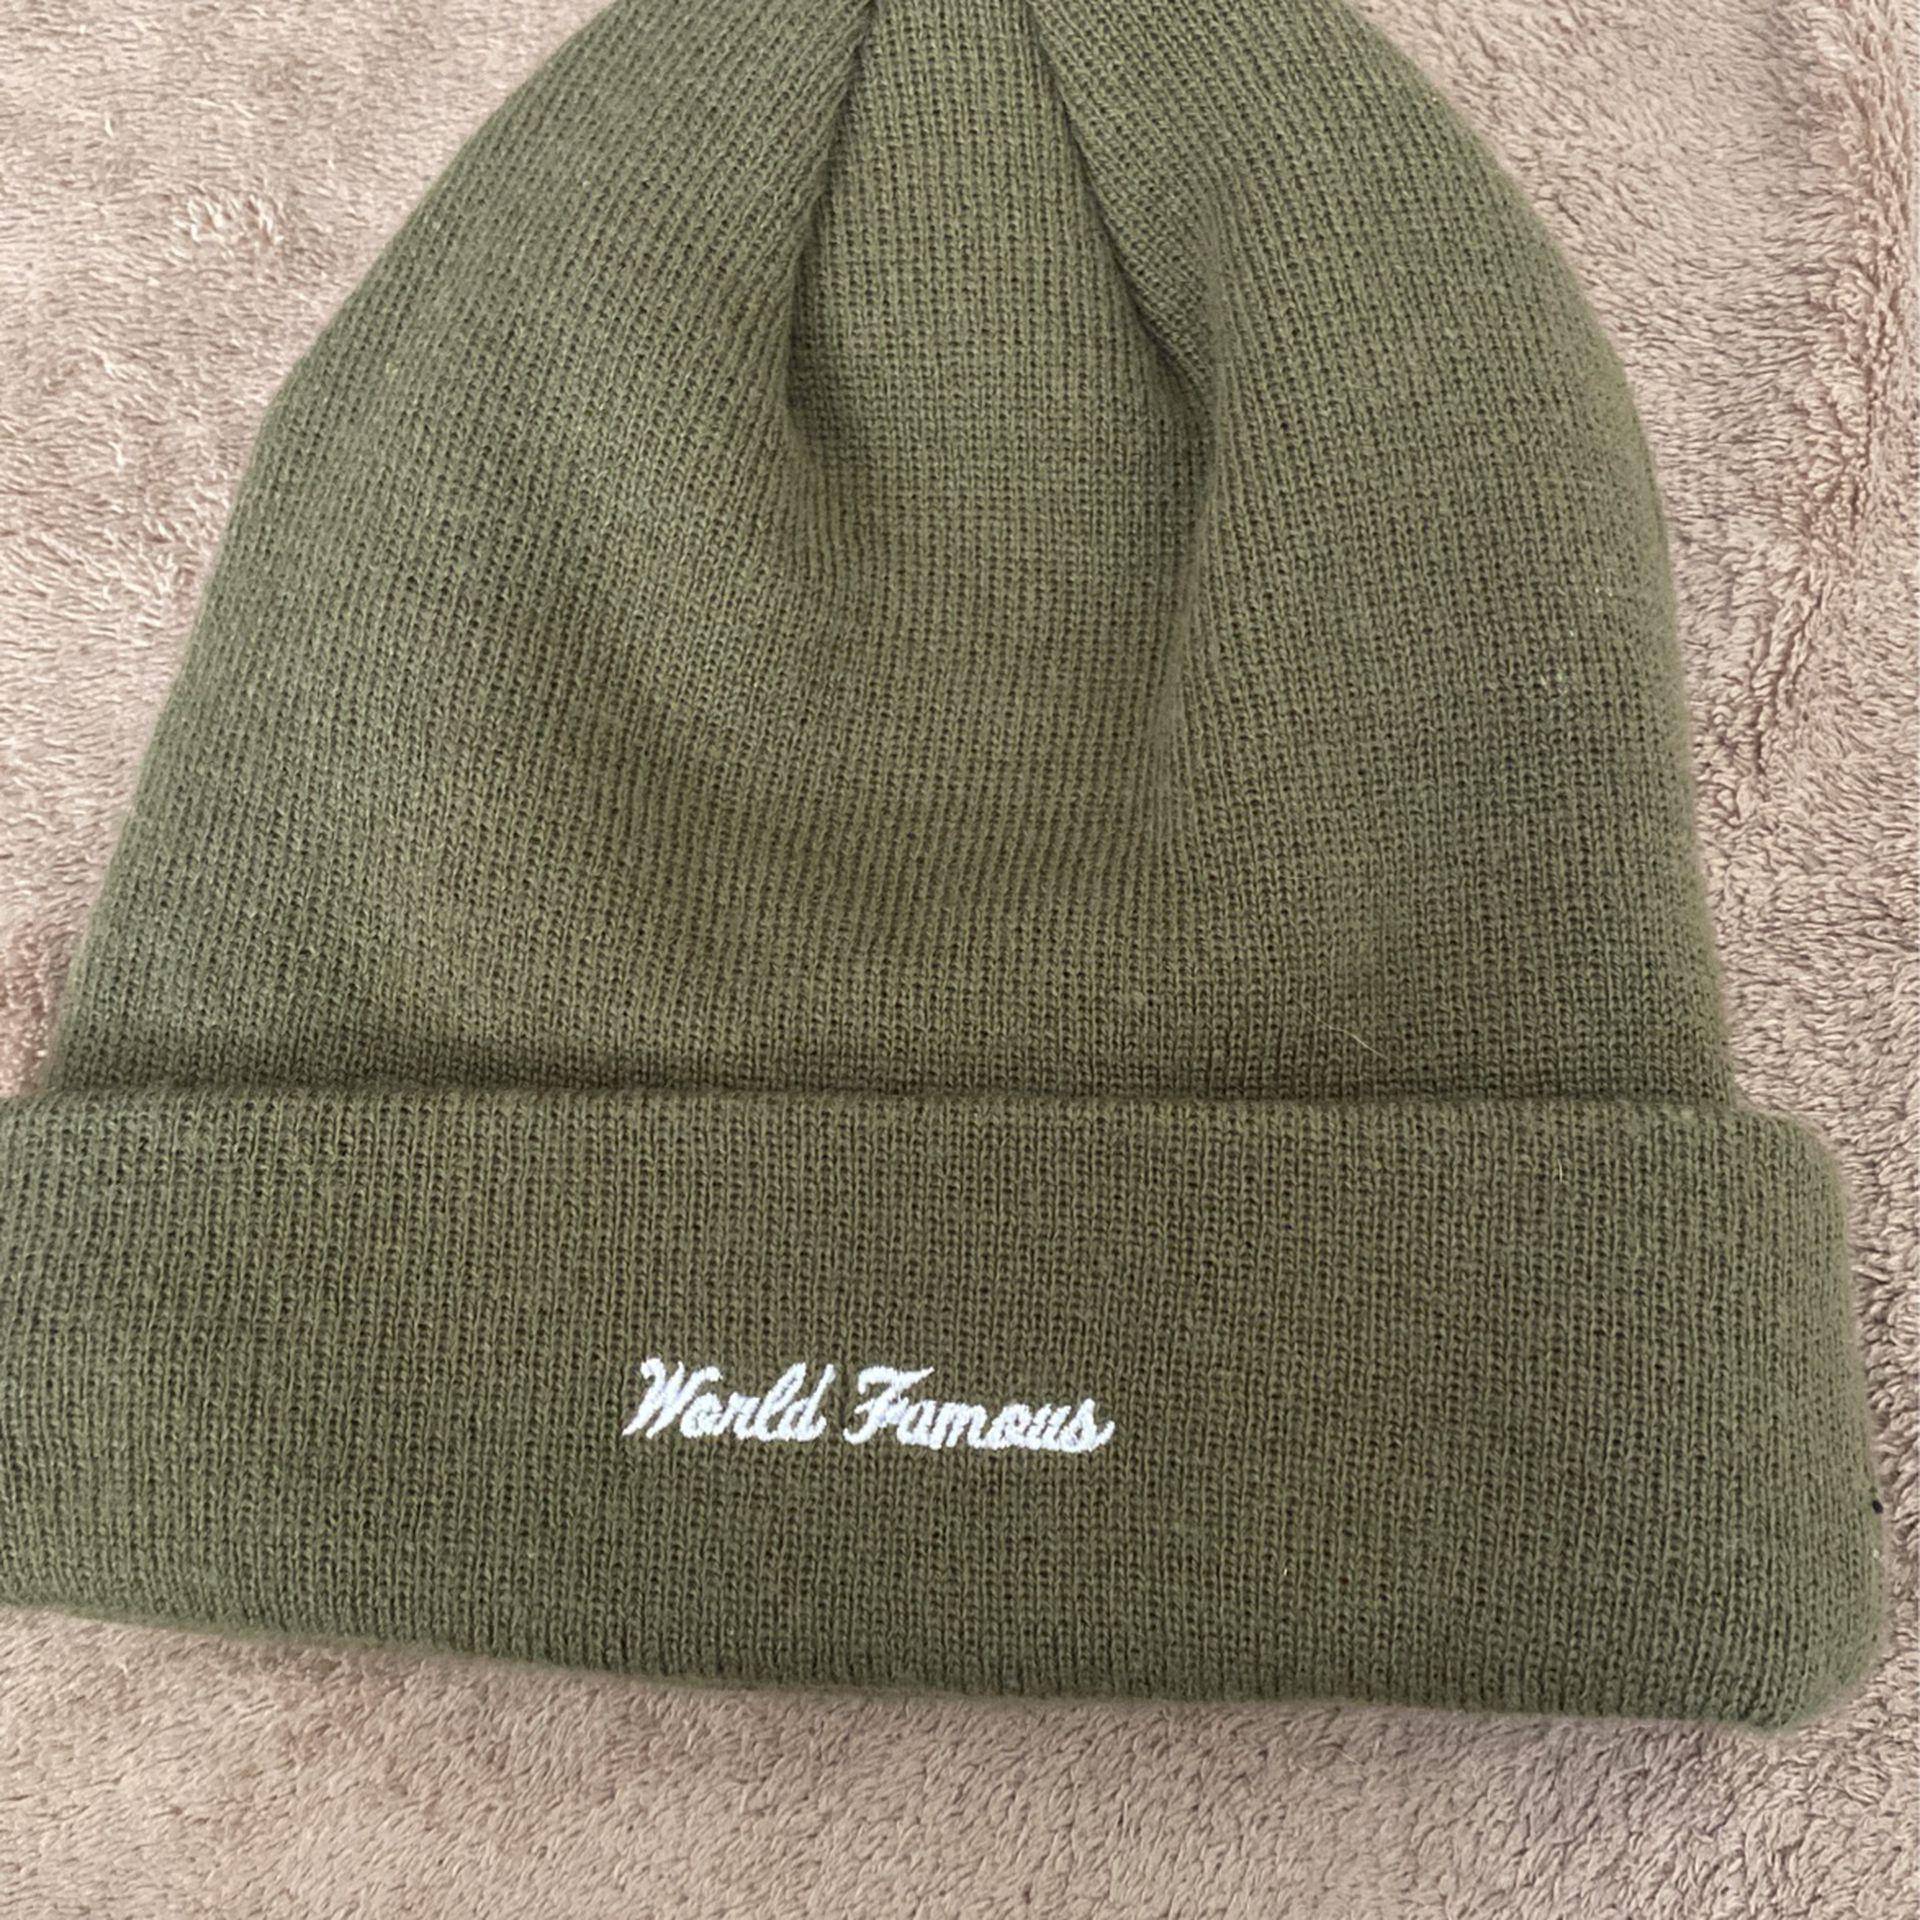 Supreme beanie Forrest green